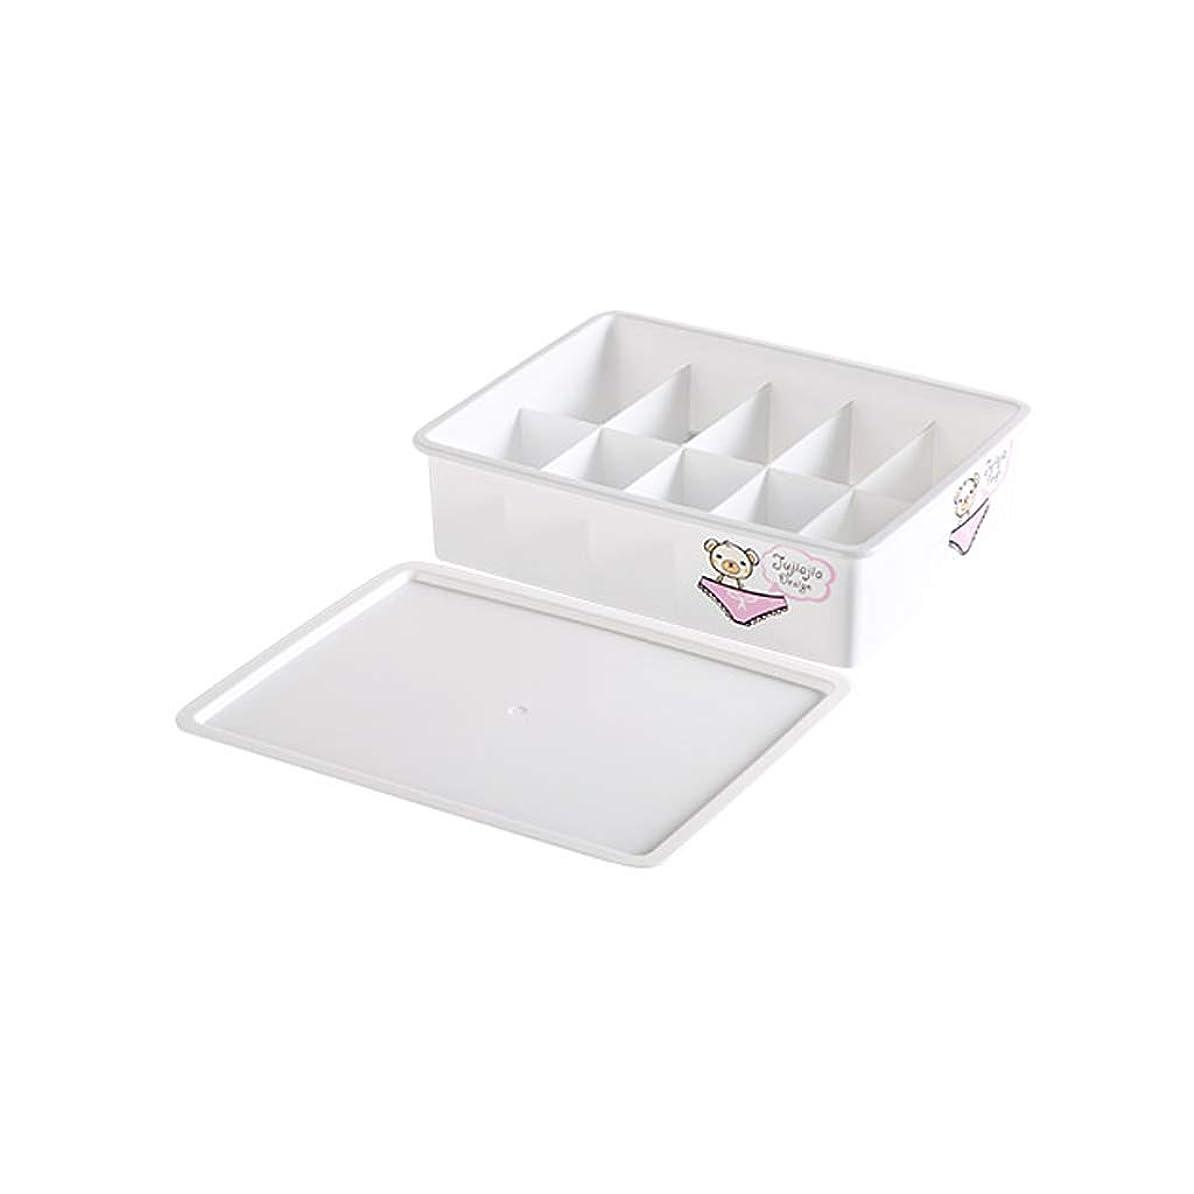 休日陪審ピービッシュMXD 収納ボックスパンティー収納ボックスプラスチック衣類おもちゃ収納ホームドミトリーベッドルーム (Color : White)